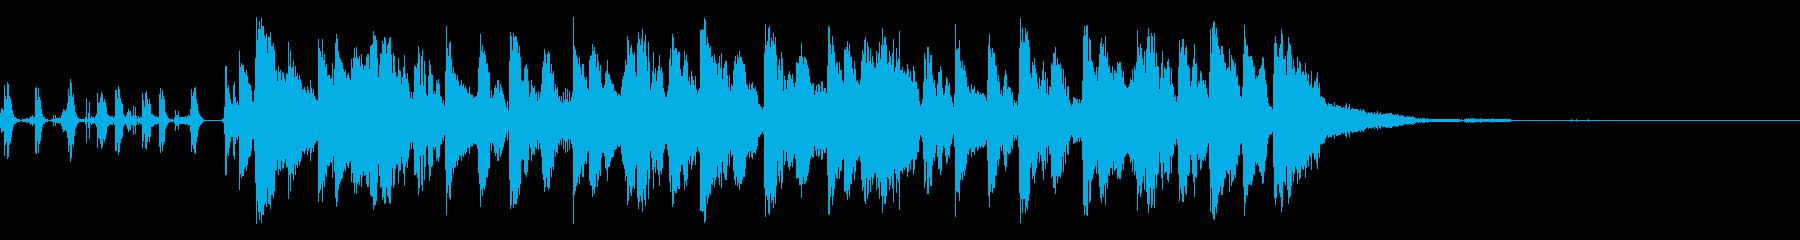 アイワンダーの再生済みの波形